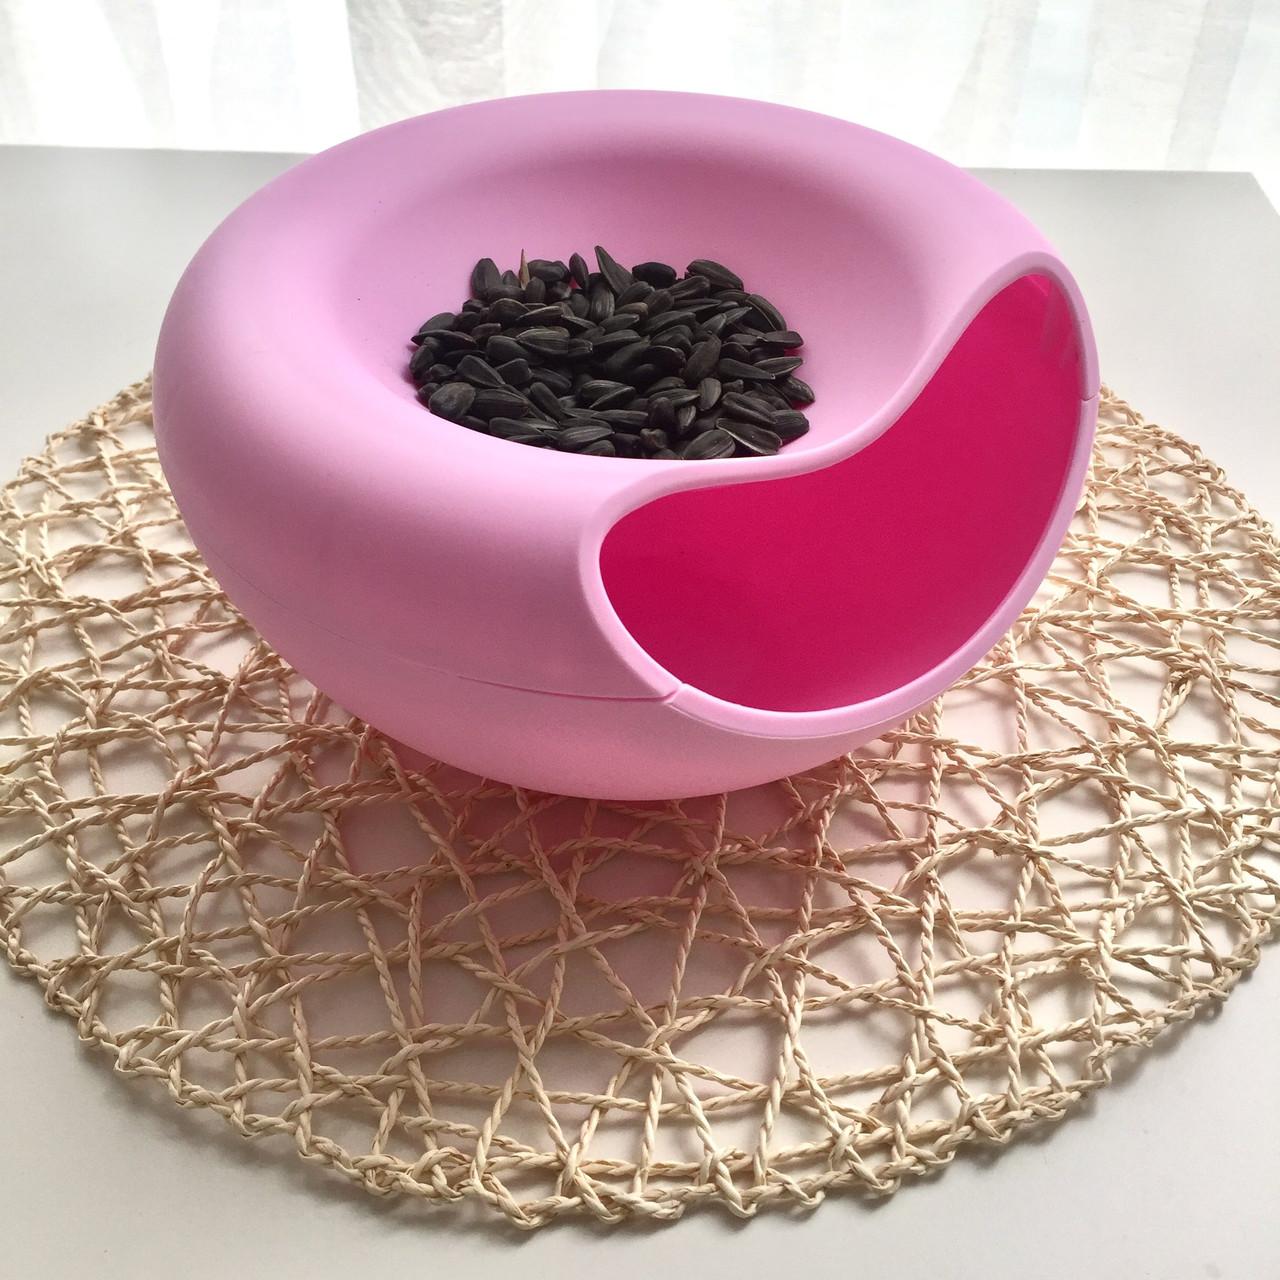 Пластиковая миска для семечек, орехов и снеков (розовый)